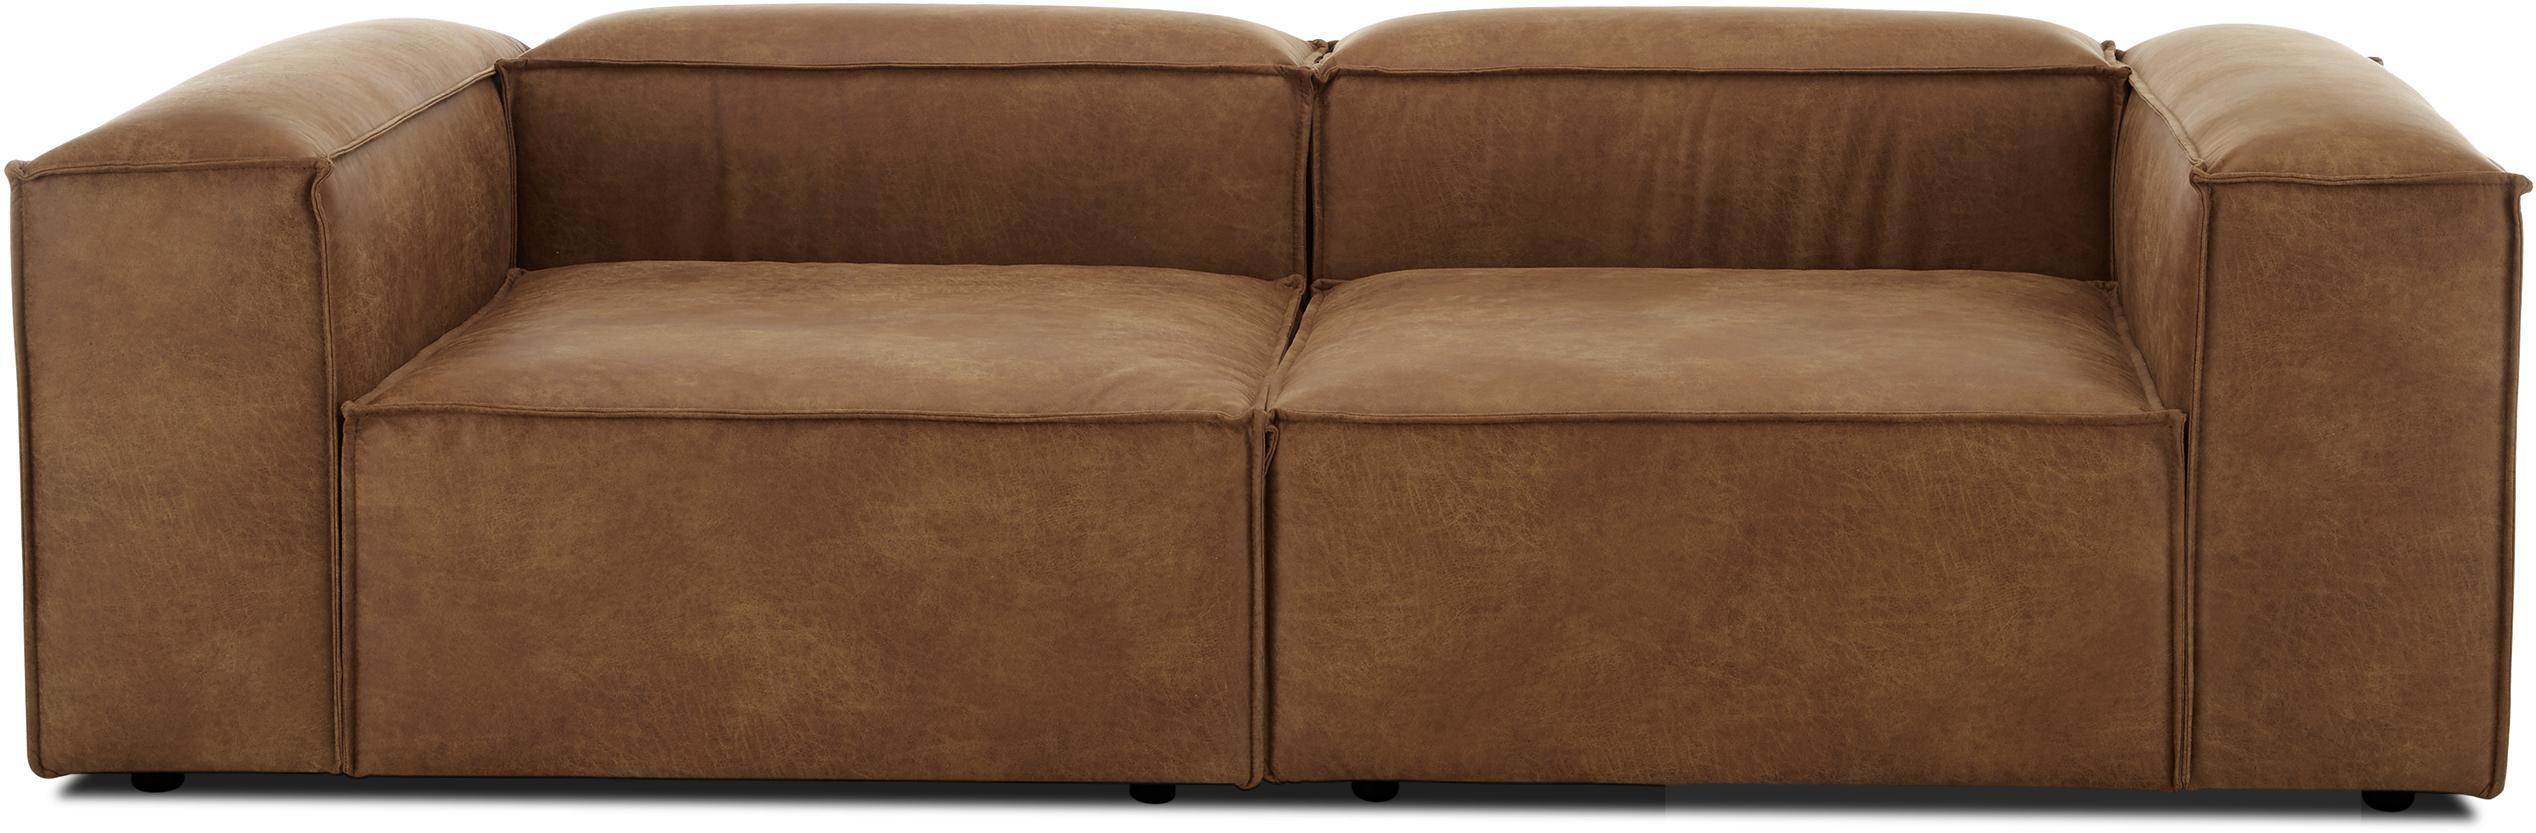 Modulares Leder-Sofa Lennon (3-Sitzer), Bezug: 70% Leder, 30% Polyester , Gestell: Massives Kiefernholz, Spe, Leder Braun, B 238 x T 119 cm